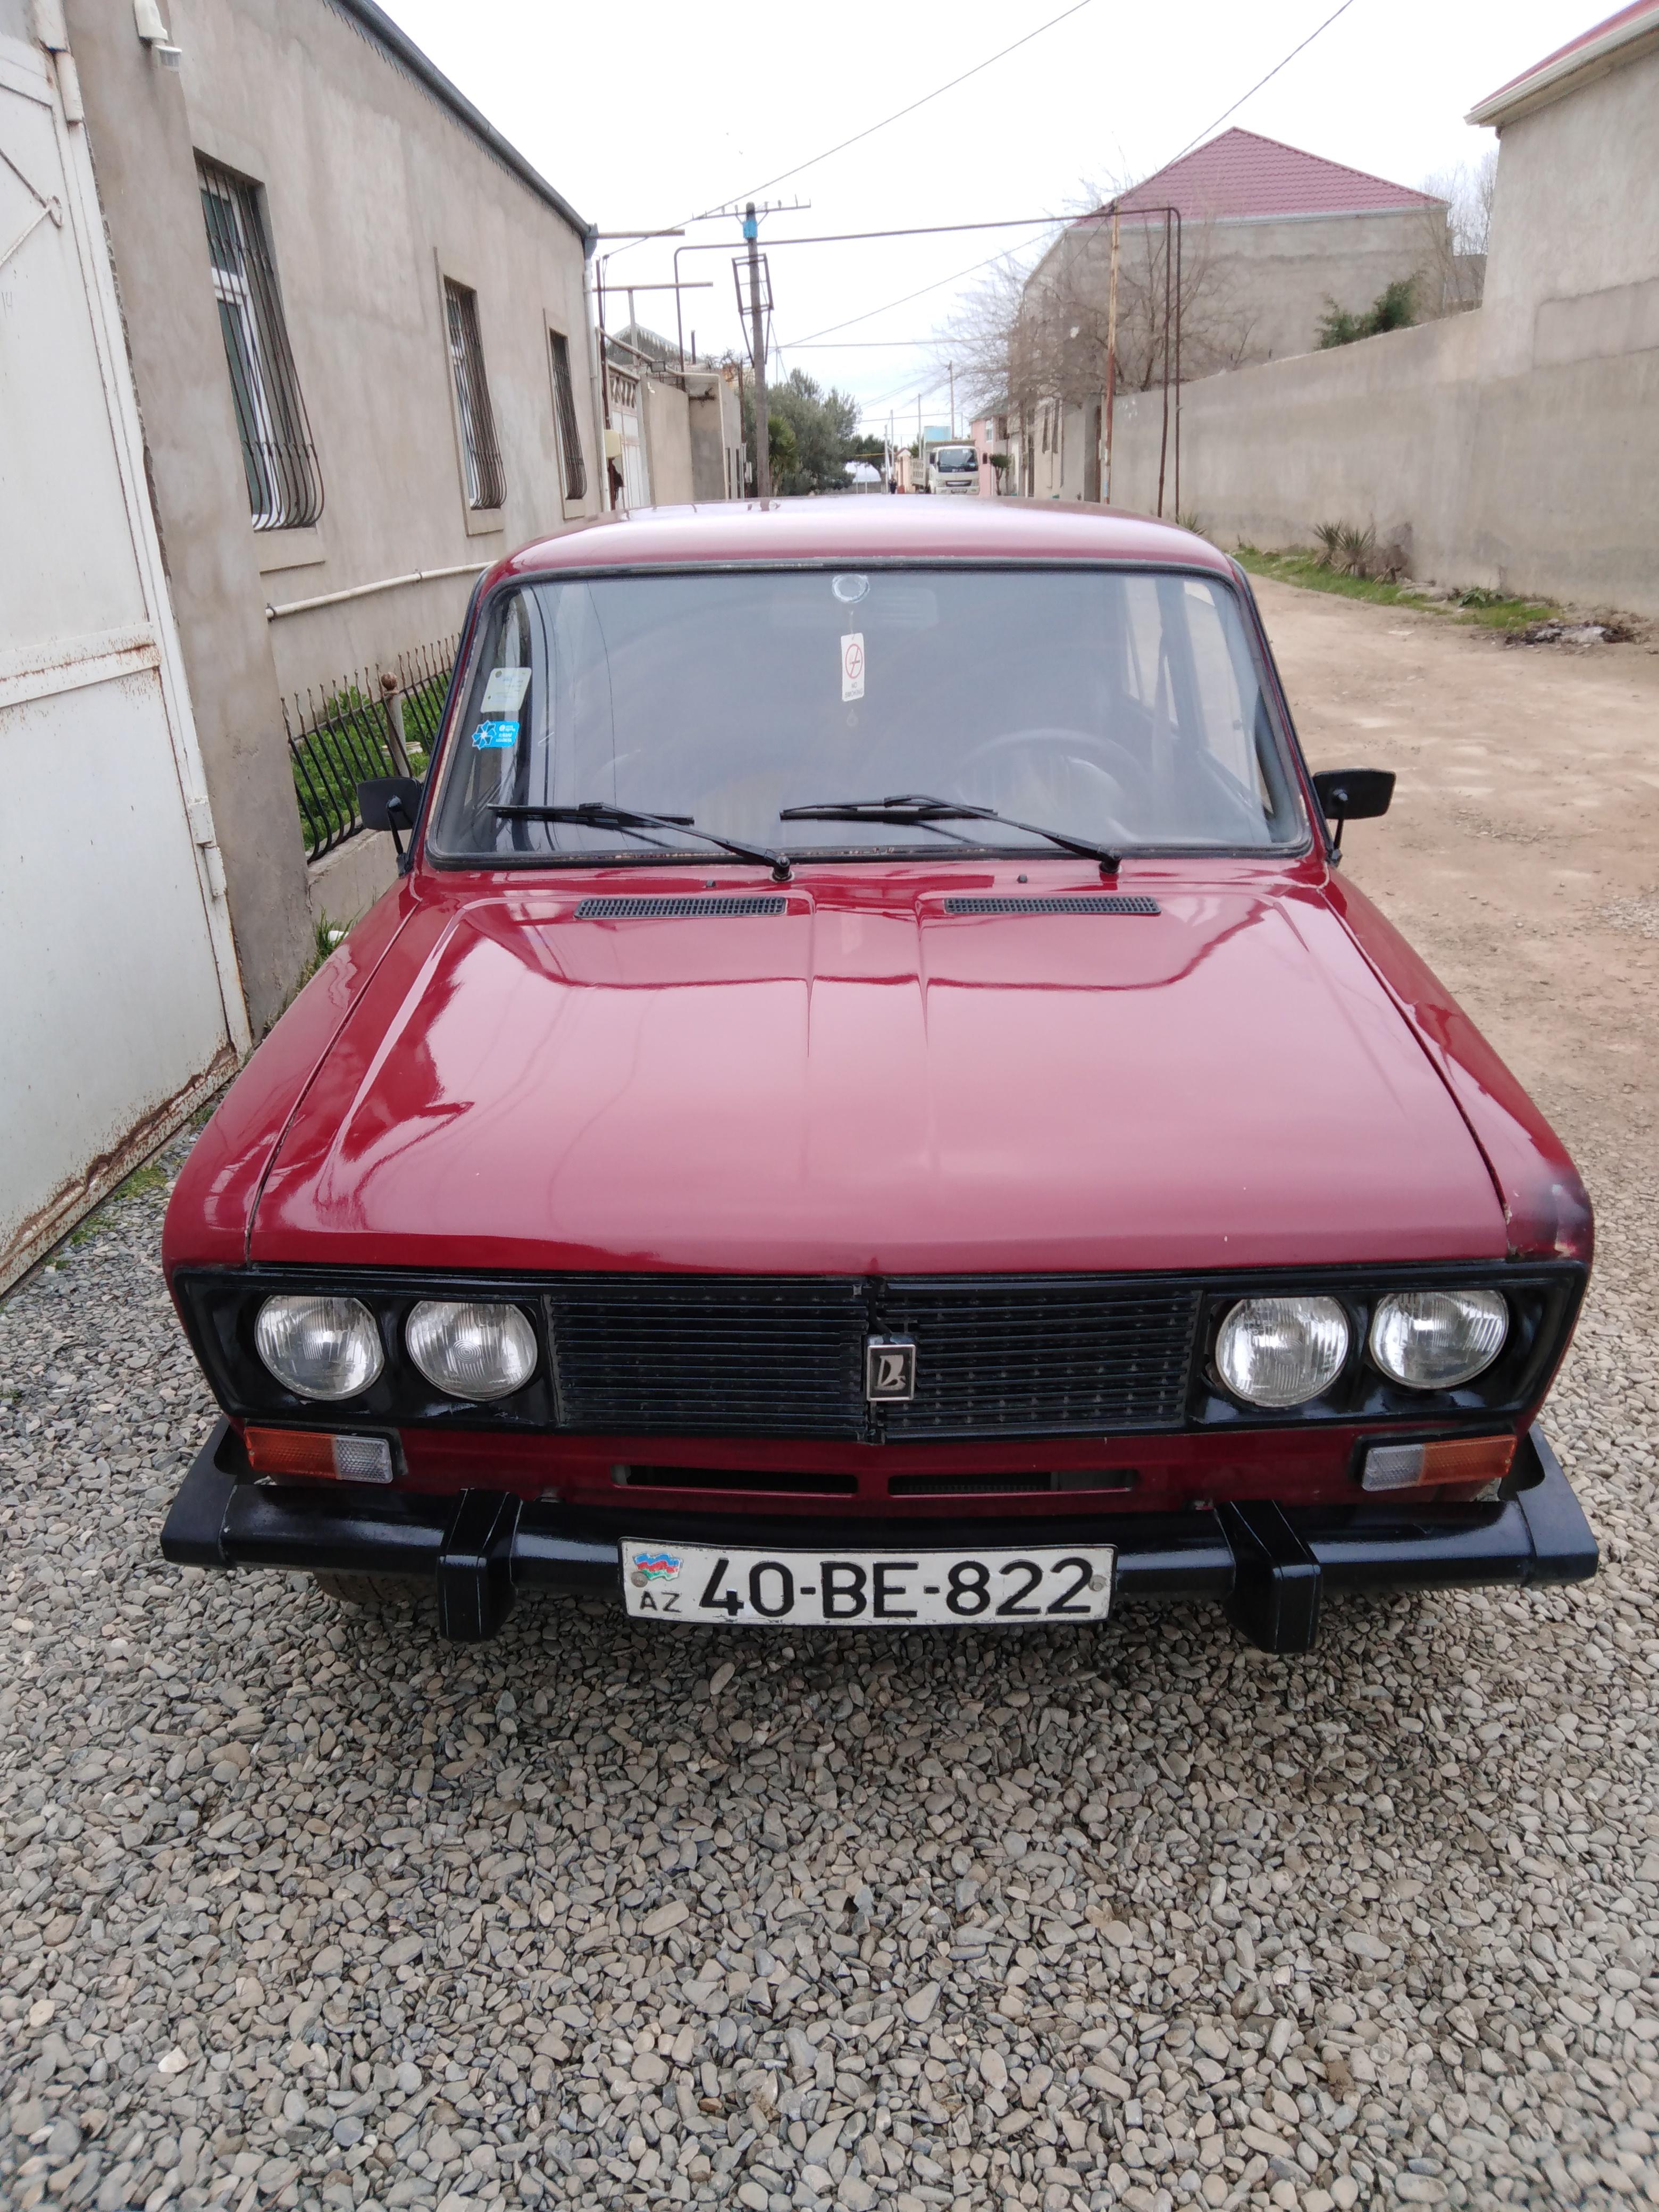 VAZ 2106 1.5(lt) 1983 Подержанный  $2600